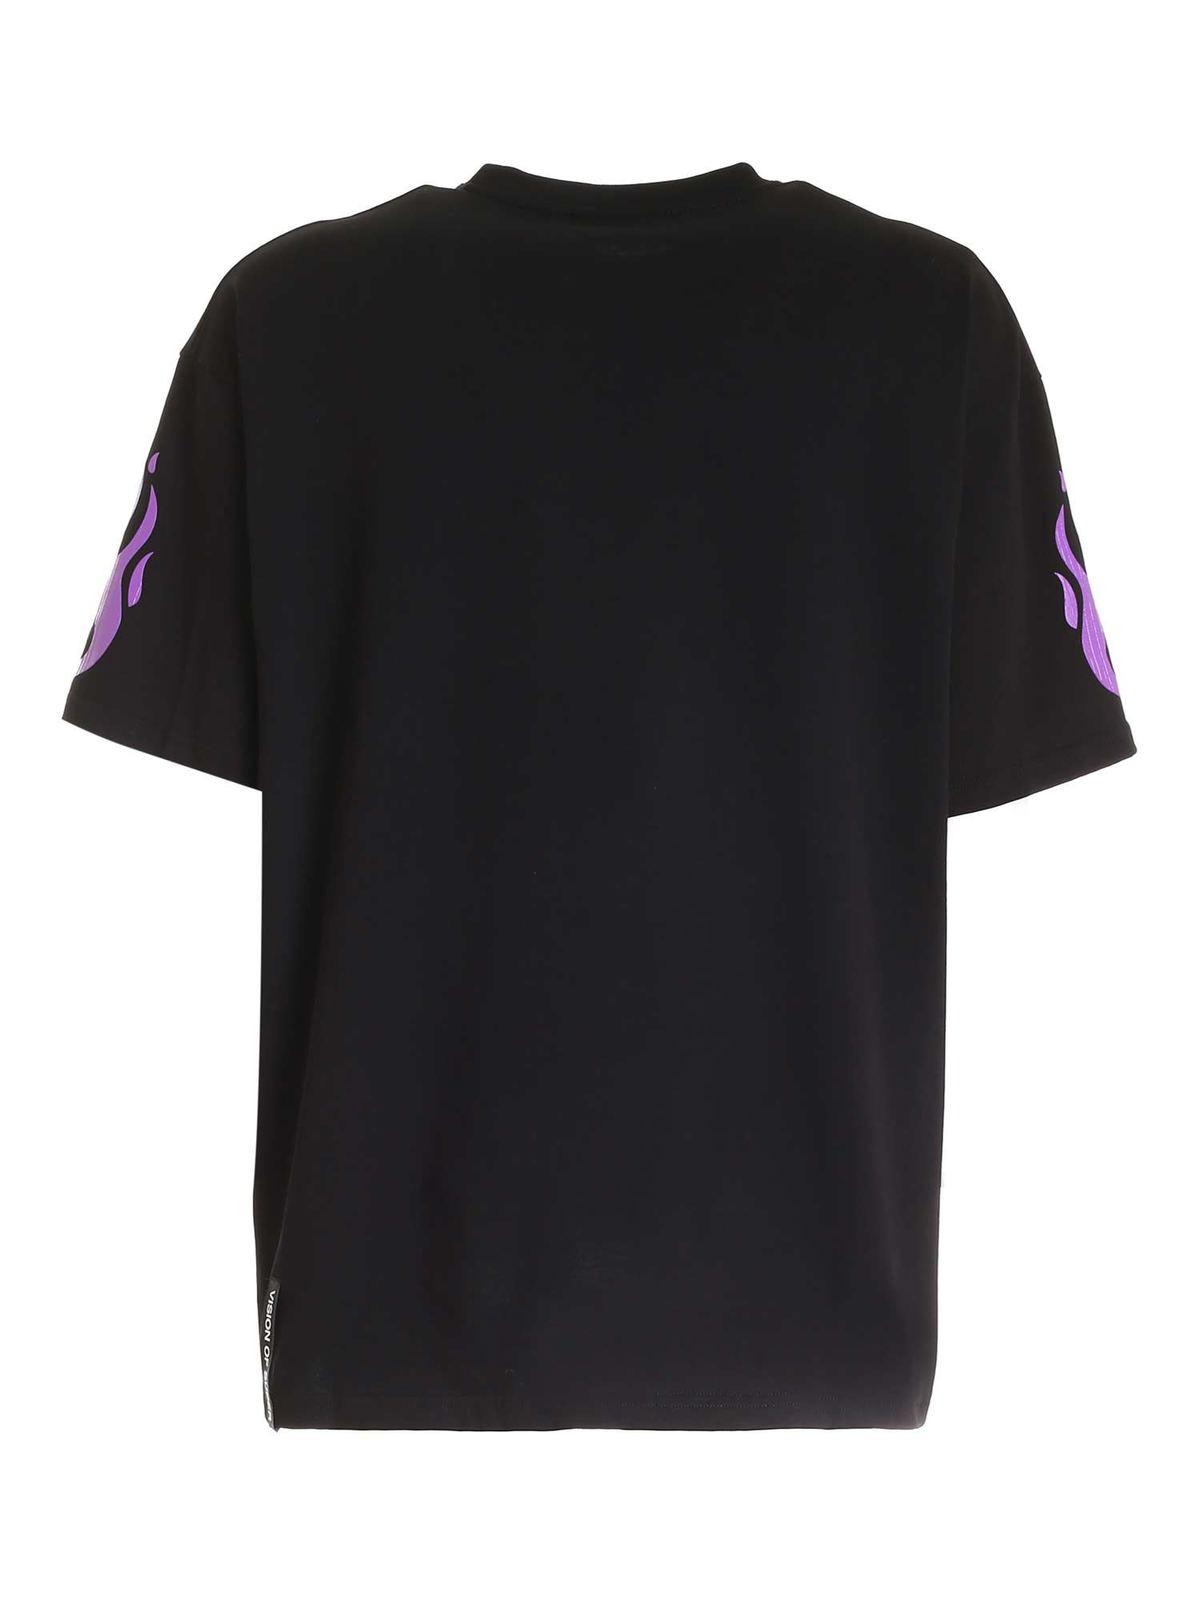 Immagine di Vision Of Super | Tshirt Fire Purple